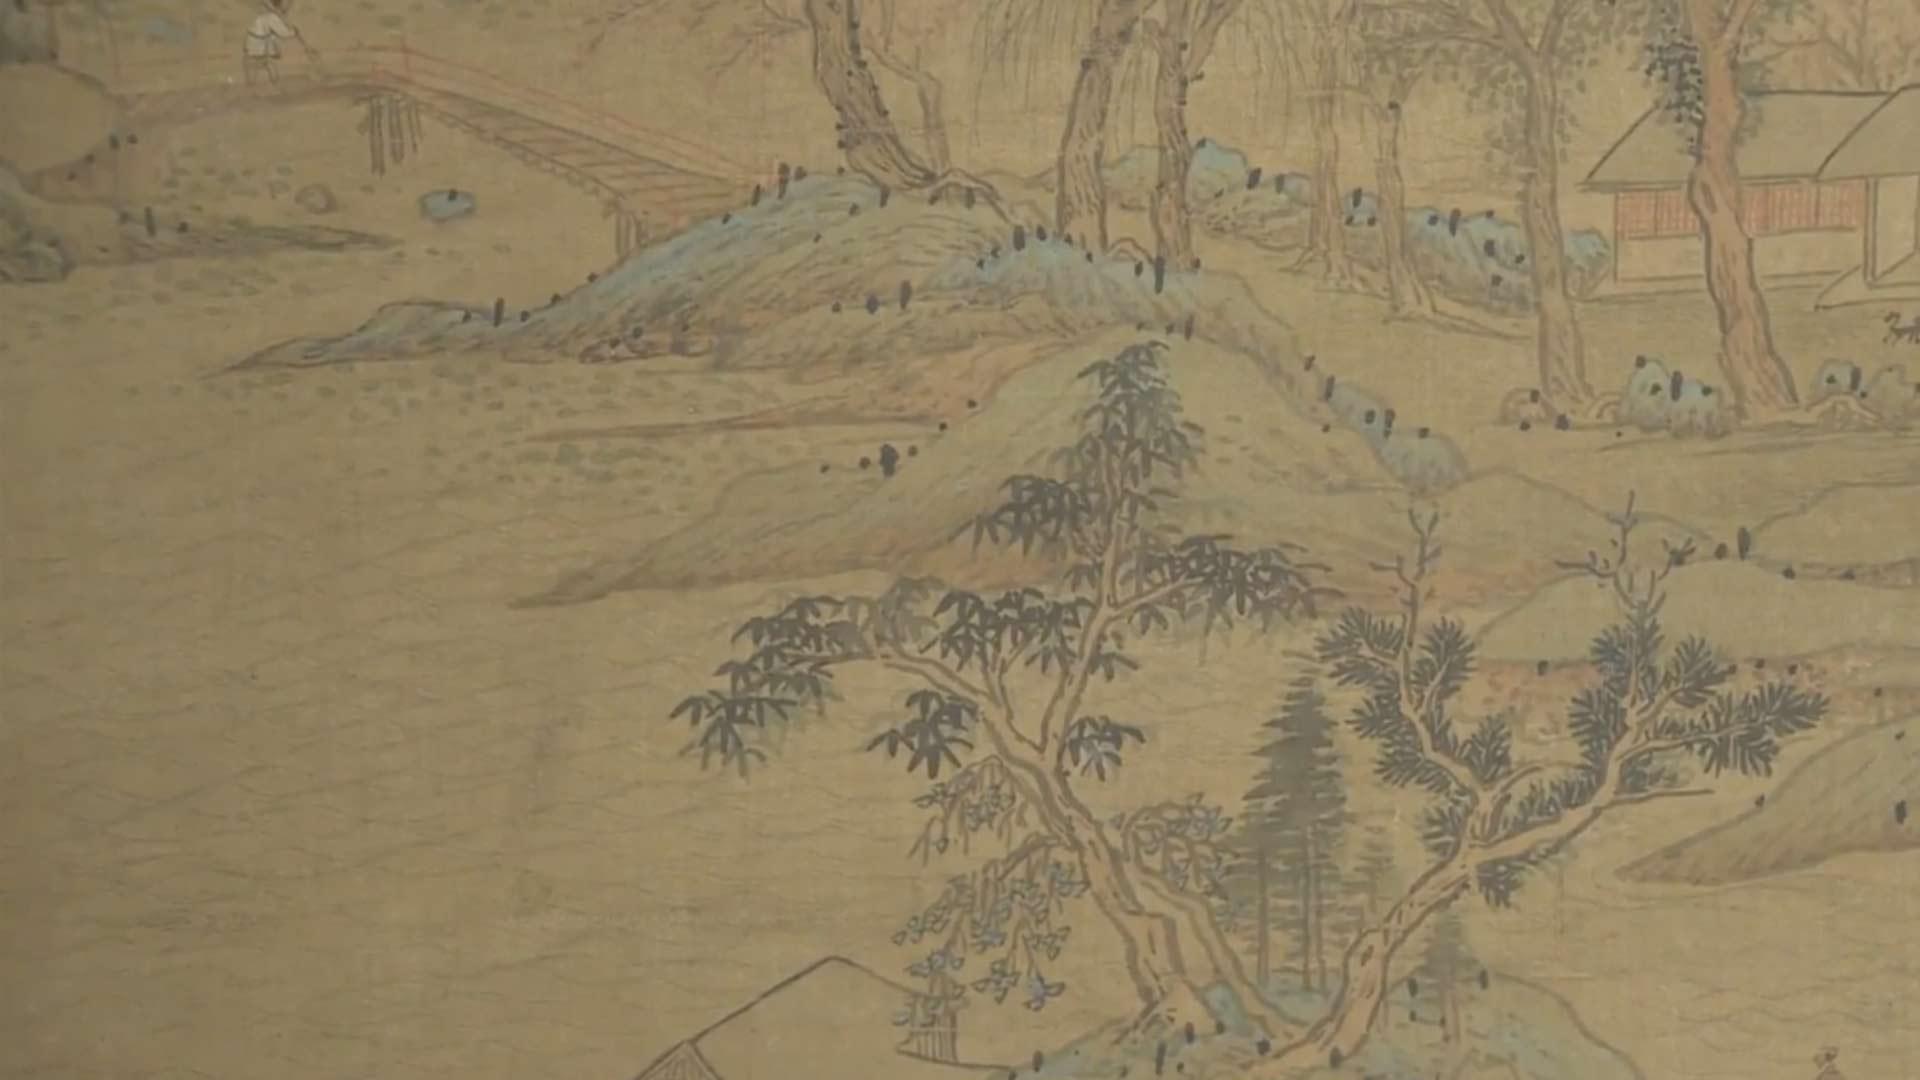 《呼吸美学-中国古画赏析》: 江山如画 (2021年)<p>画作提供:香港艺术馆至乐楼藏</p>